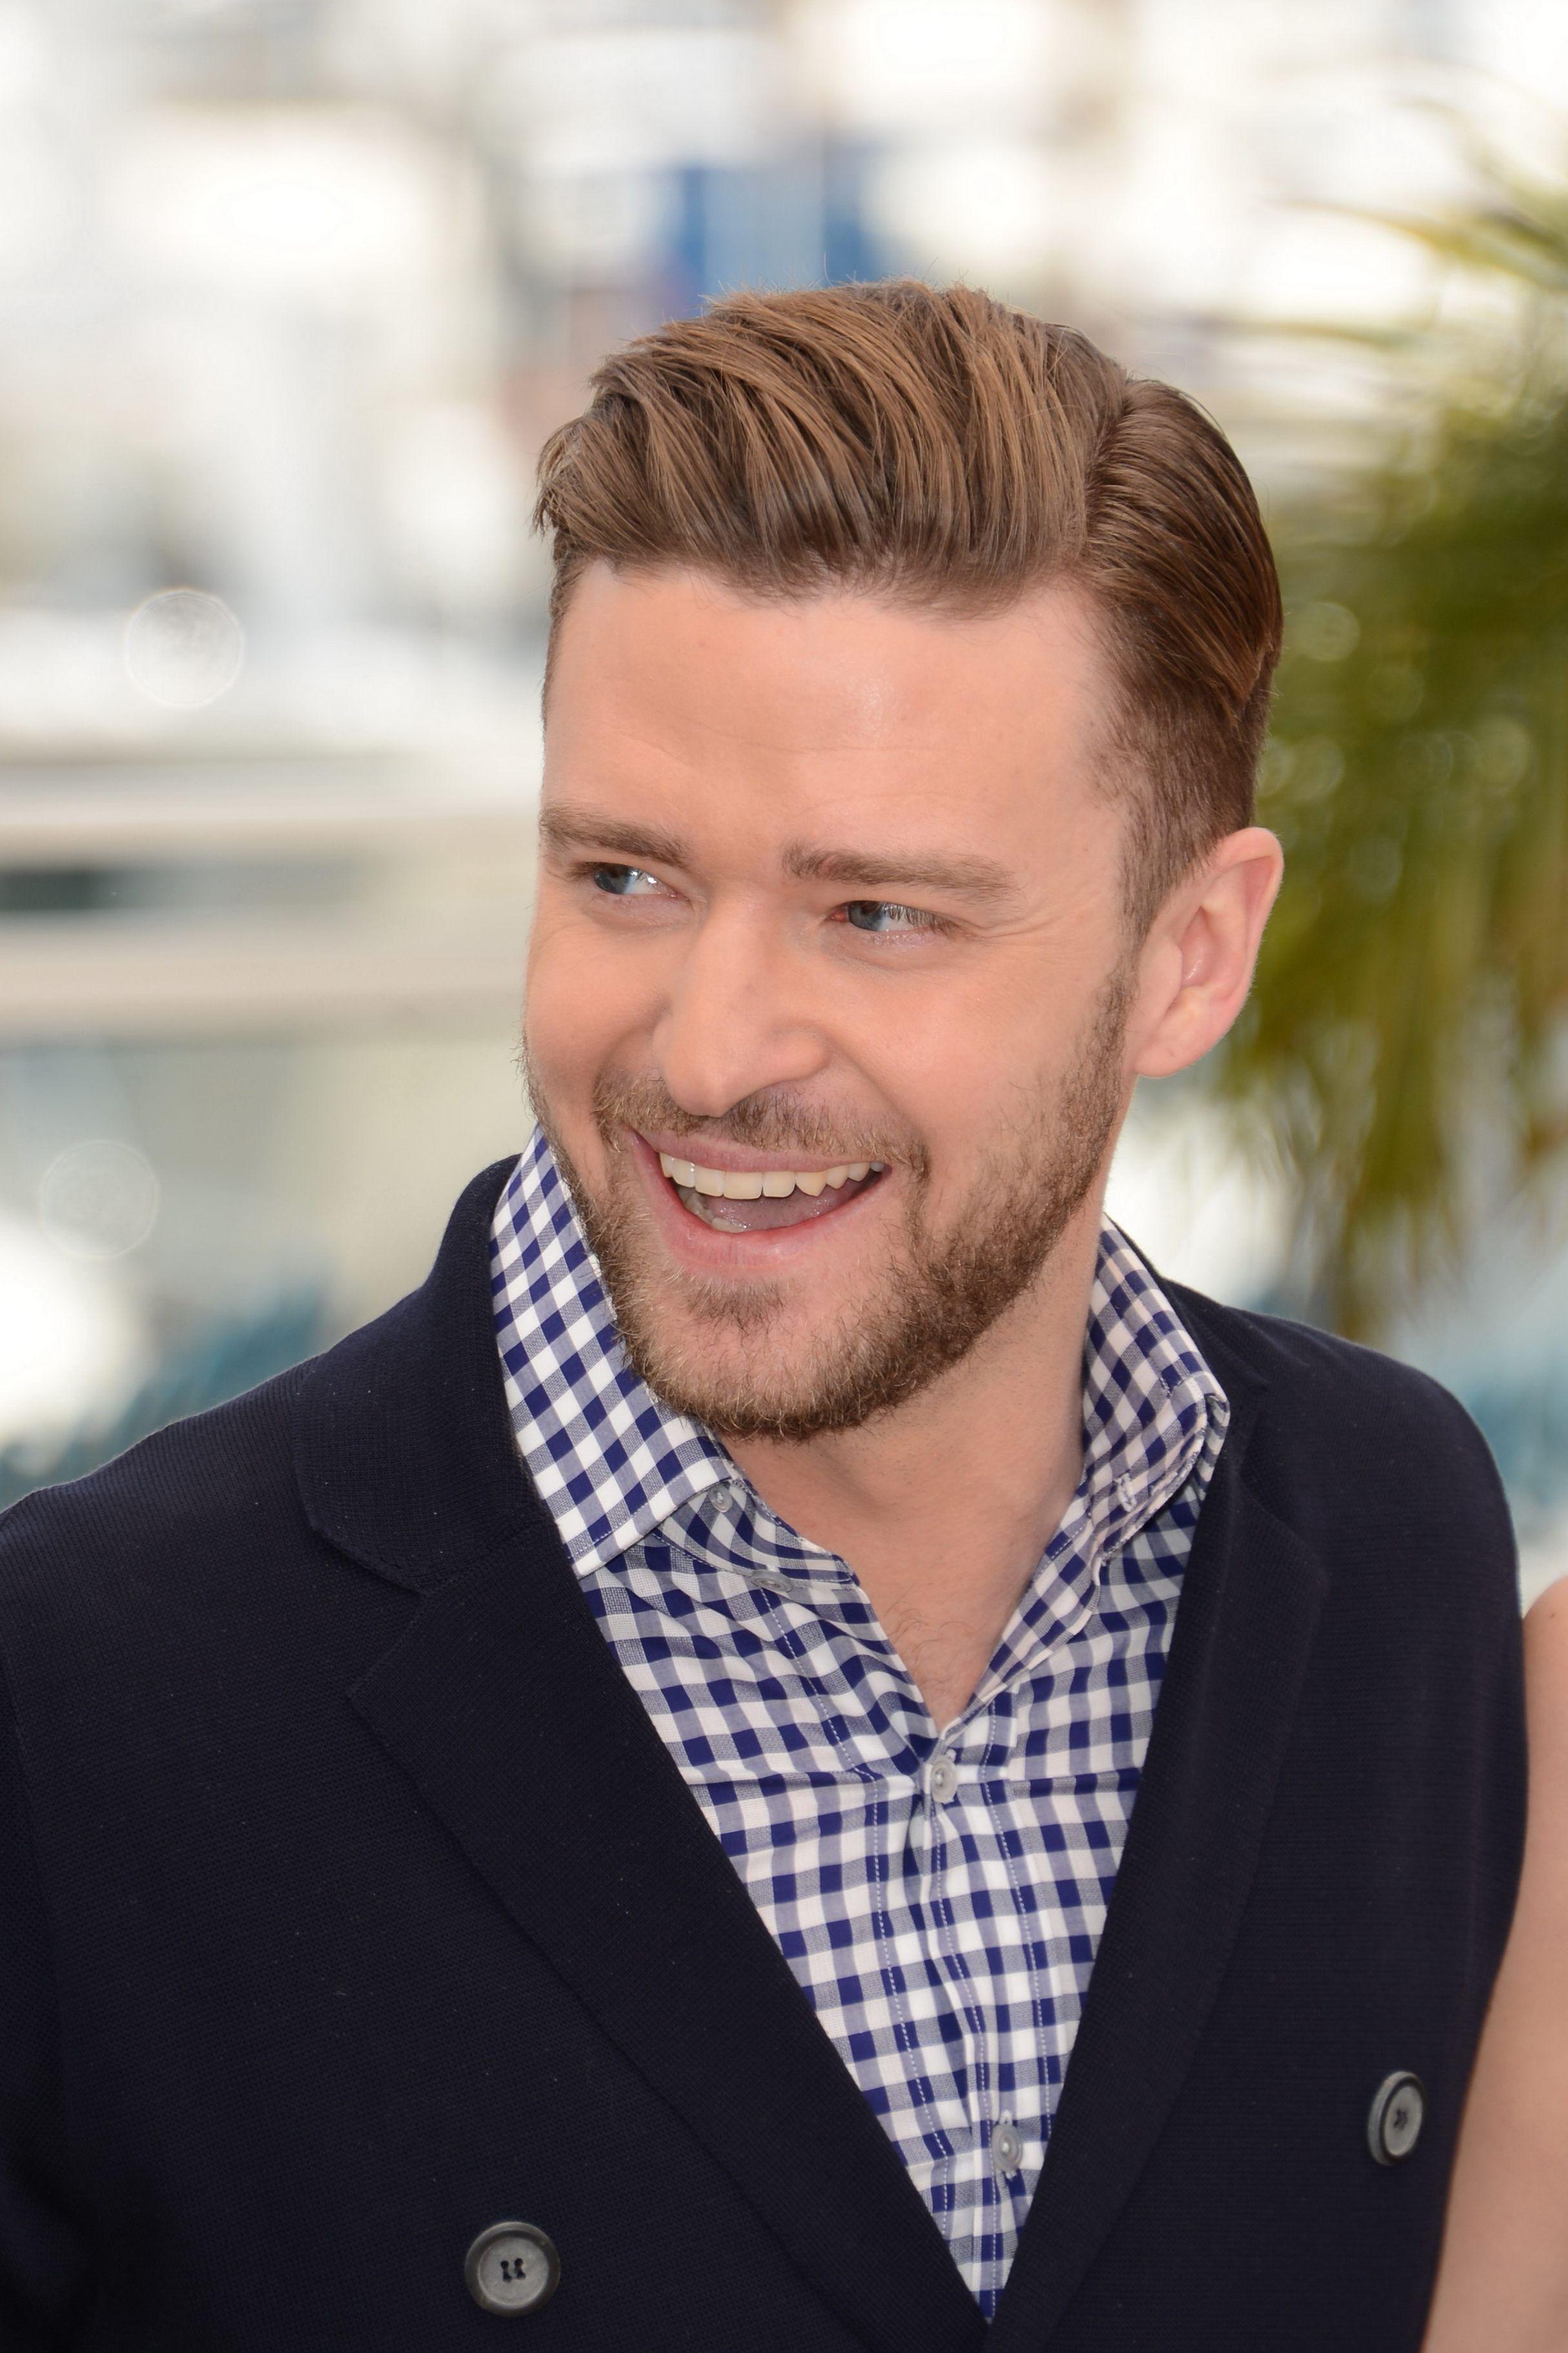 Justin Timberlake Tko Haircut Tutorial Hair